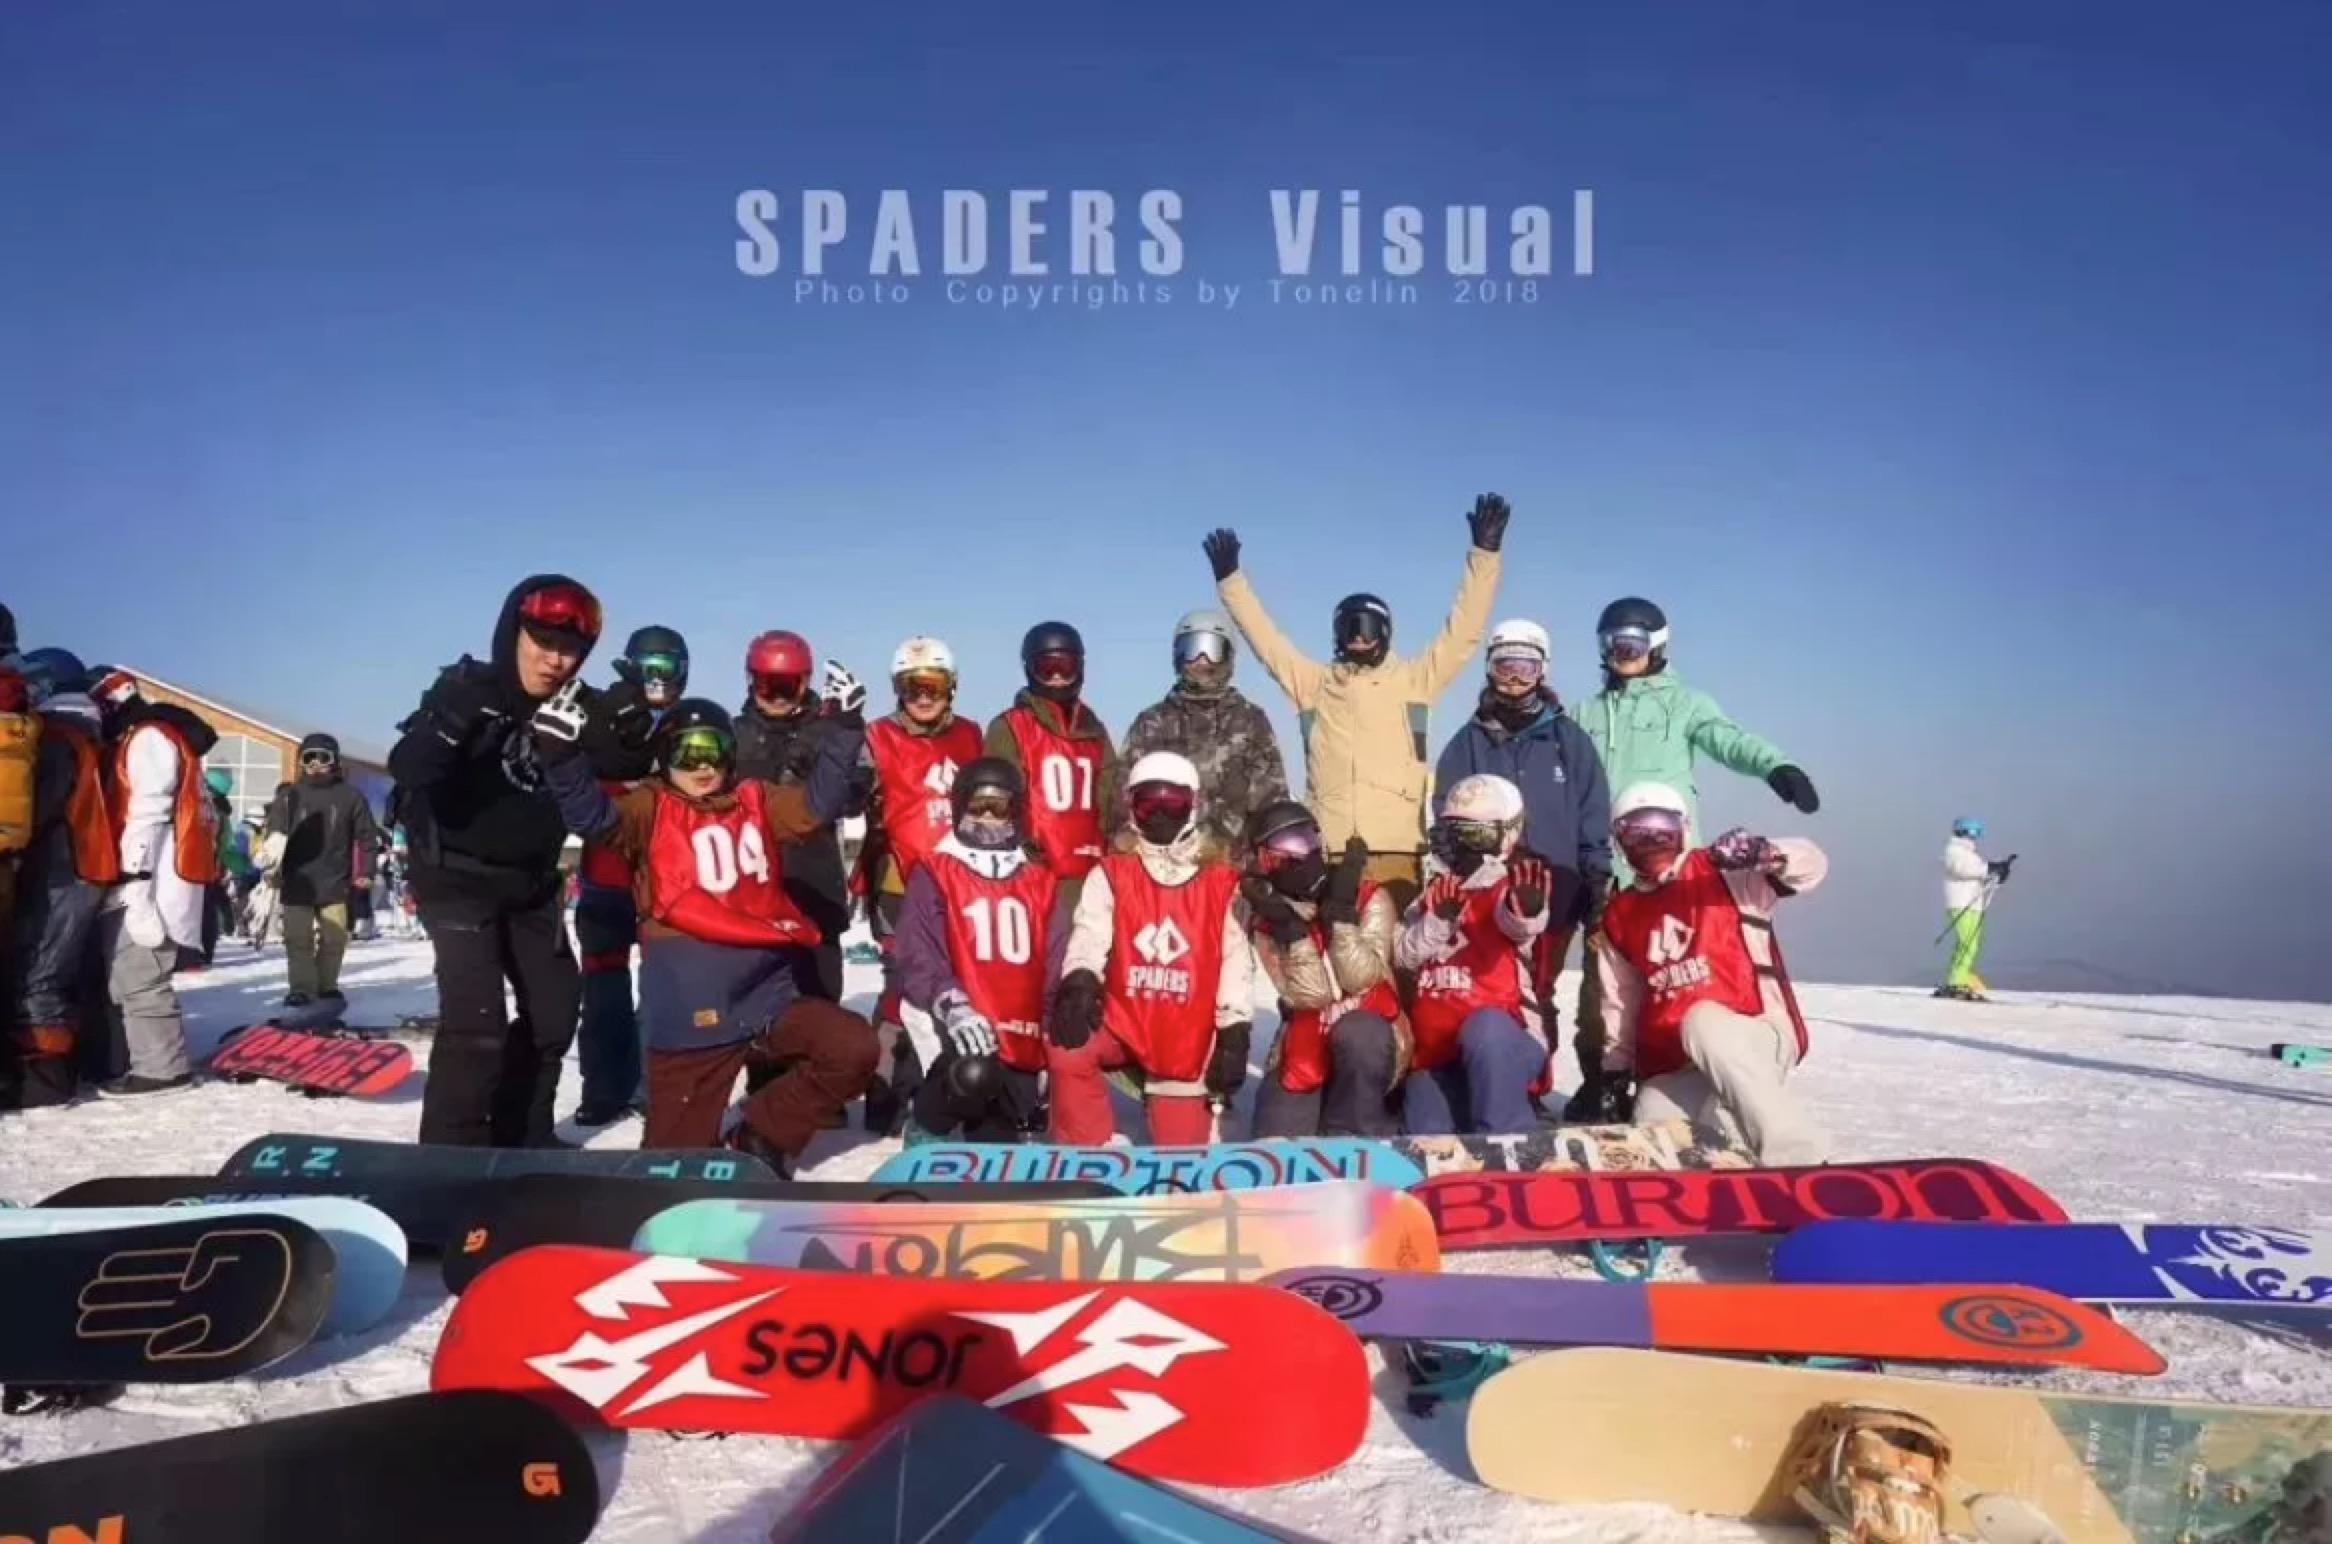 雪具通携手Spaders黑桃户外俱乐部 给你一个轻松、惬意的滑雪之旅!